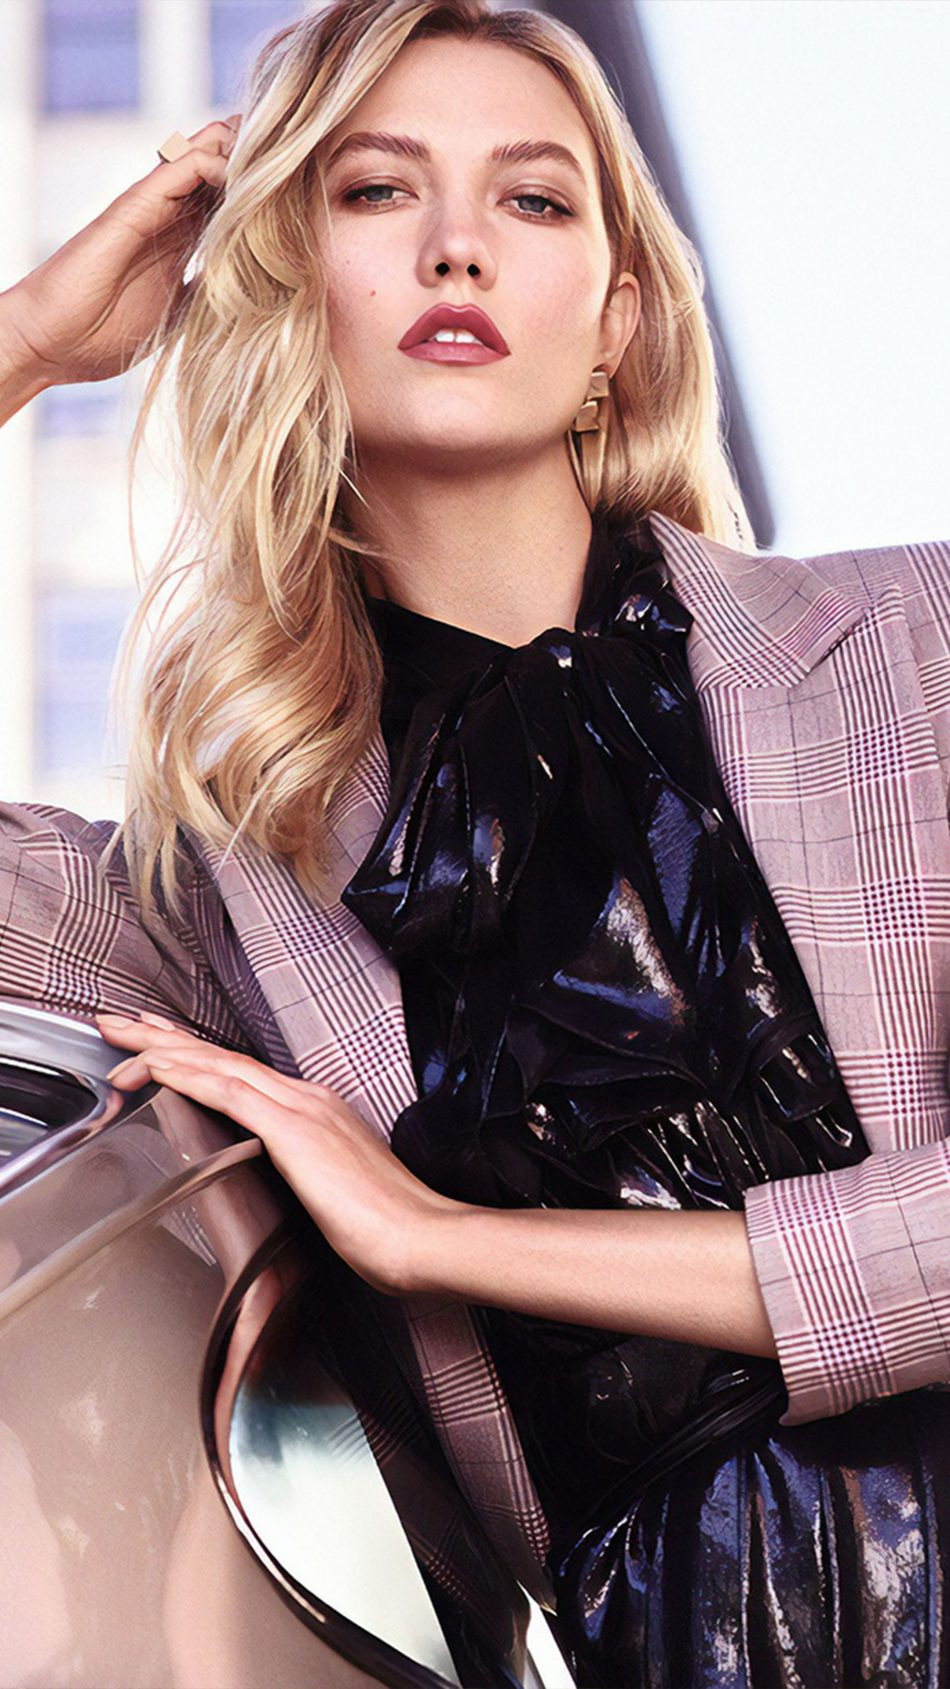 American Model Karlie Kloss 4K Ultra HD Mobile Wallpaper